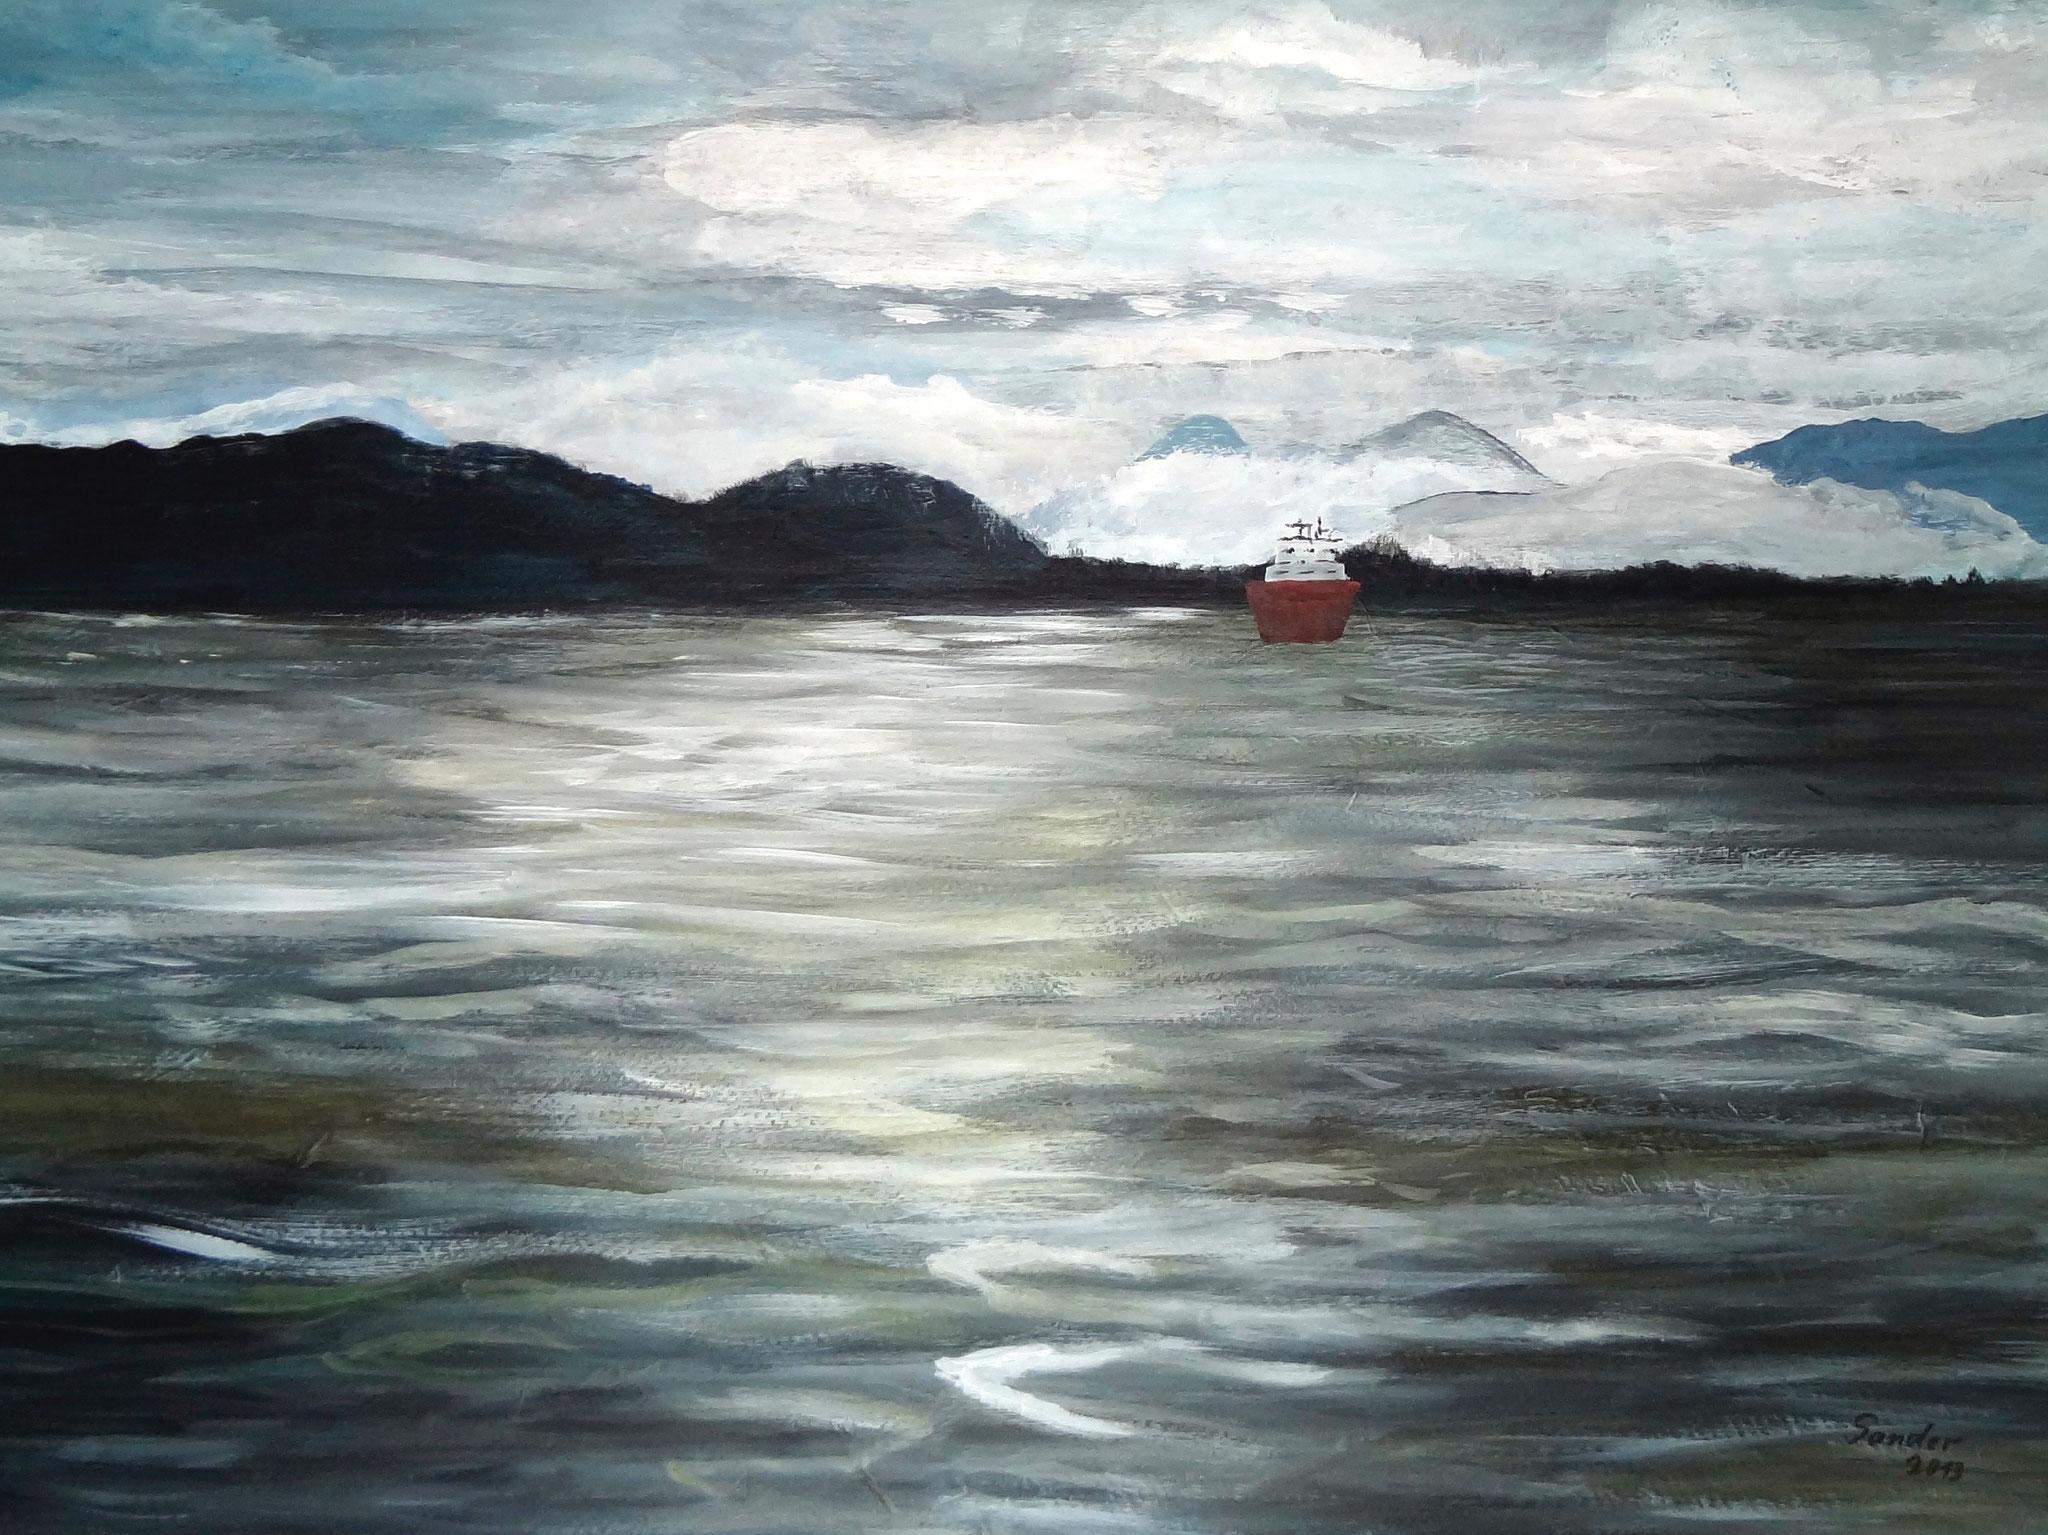 Alaska 2,  70 x 50 cm, Acrylfarben auf Papier, signiert und datiert 2013